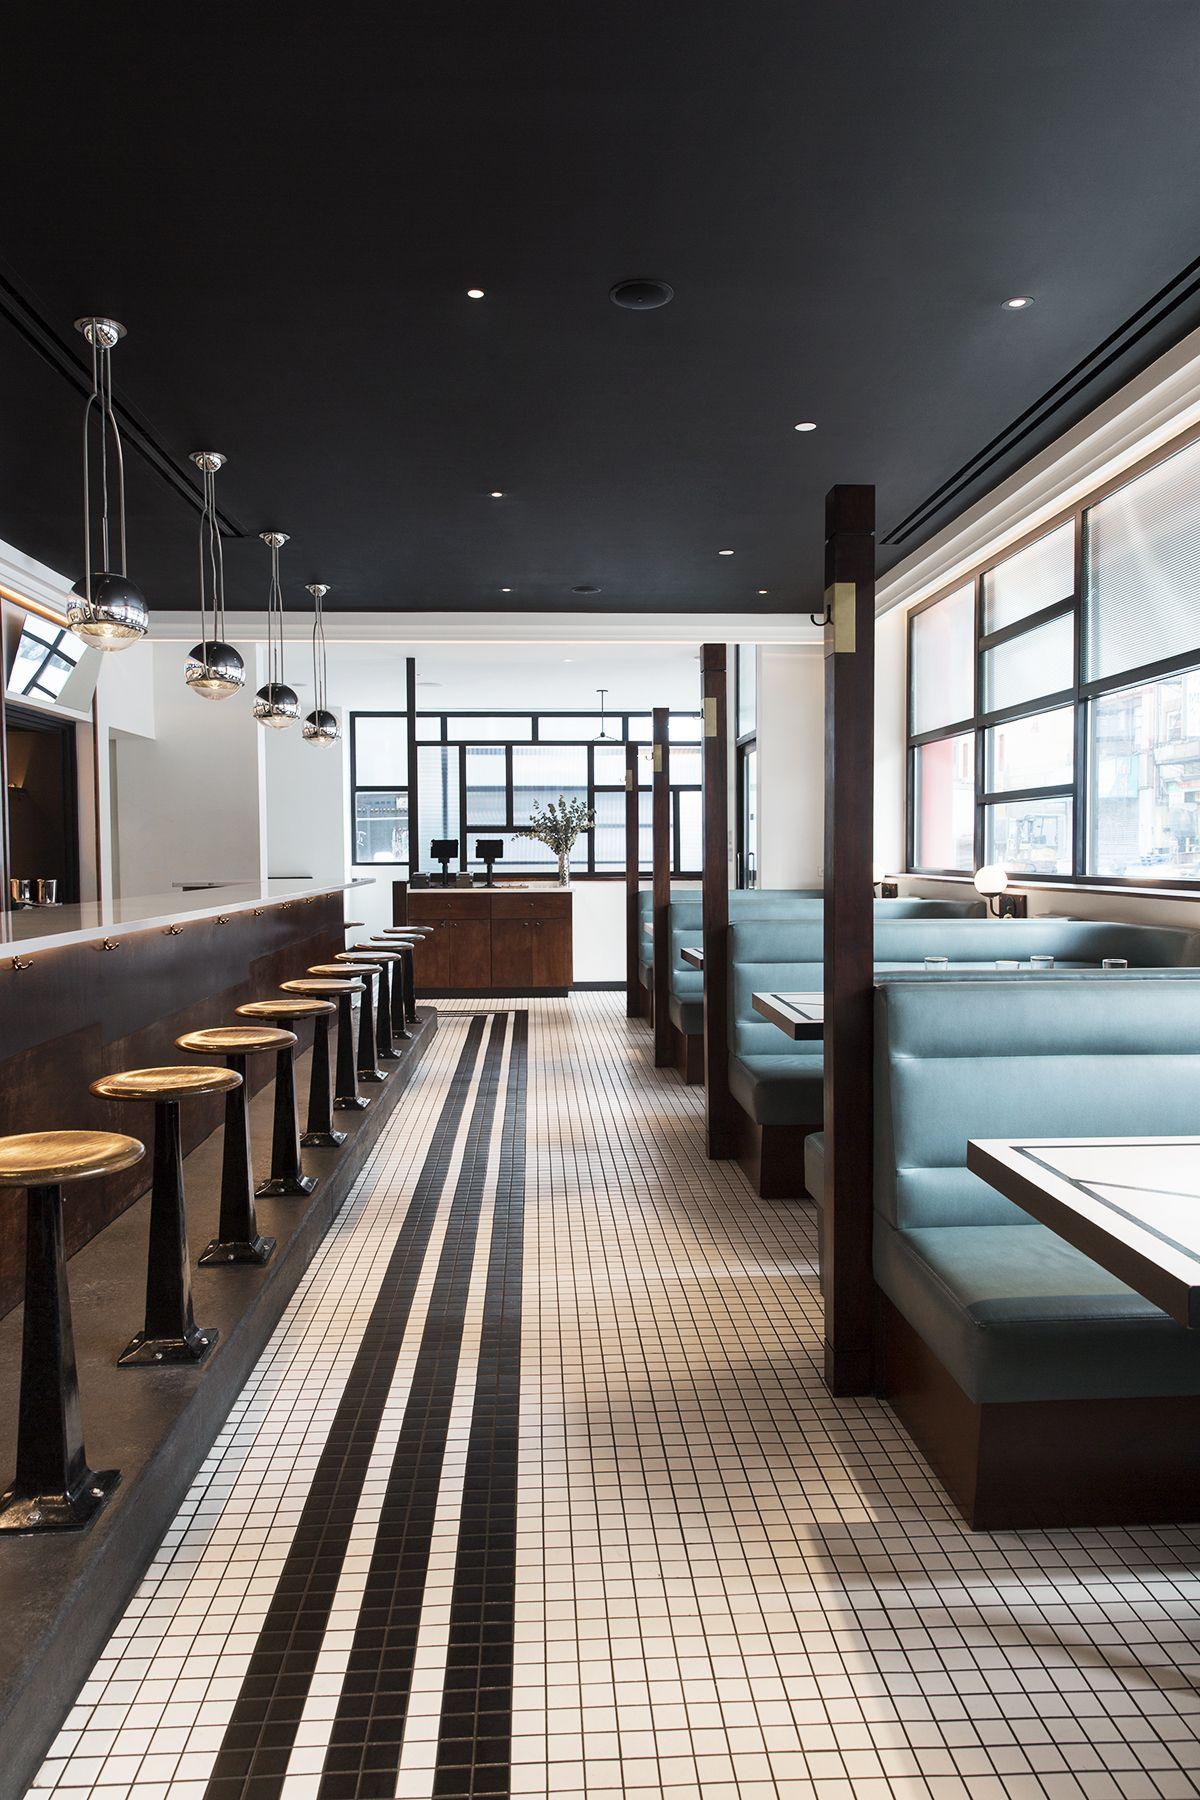 Inside Nickel Diner A New Modern Diner In Nyc Domino Diner Restaurant Restaurant Interior Design Diner Decor